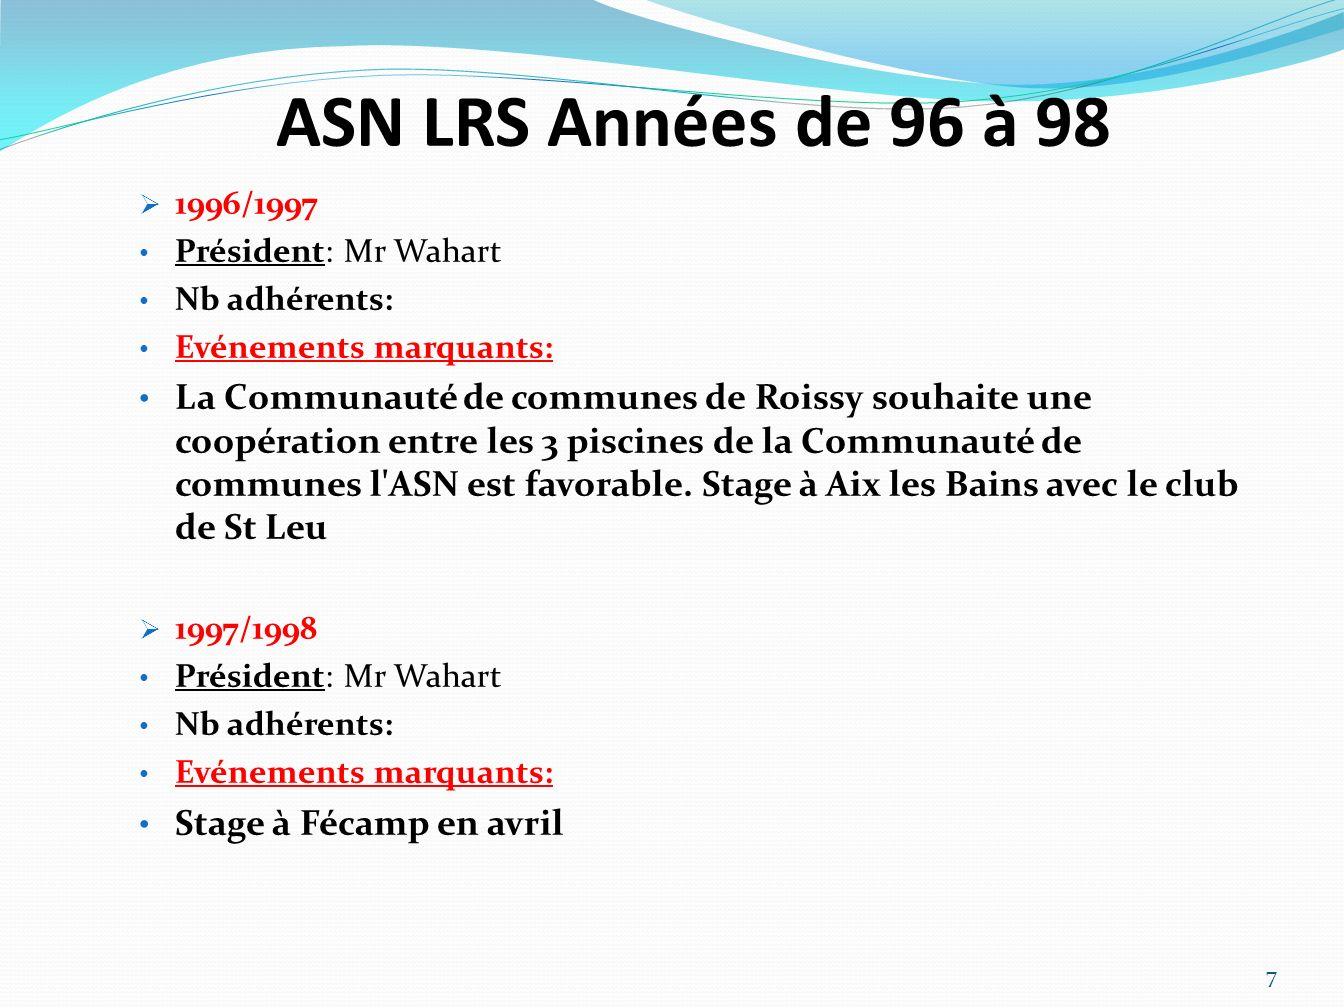 ASN LRS Années de 96 à 98 1996/1997 Président: Mr Wahart Nb adhérents: Evénements marquants: La Communauté de communes de Roissy souhaite une coopération entre les 3 piscines de la Communauté de communes l ASN est favorable.